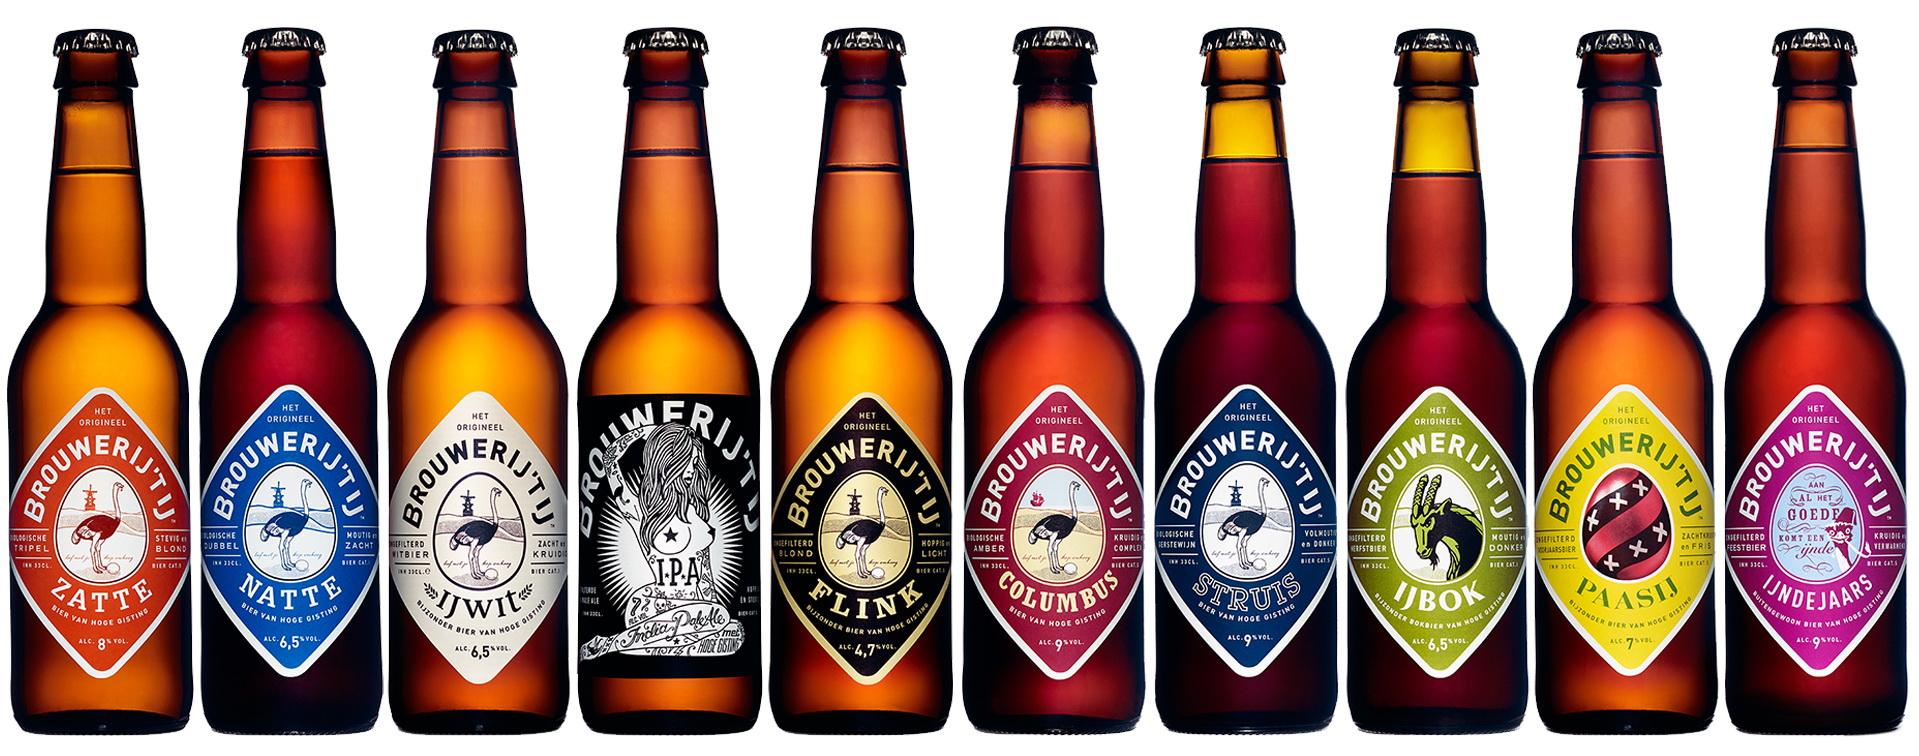 nectar-utrecht-pils-bier-brouwerij-nederland-streekbier-amsterdam-brouwerij-t-ij-assortiment